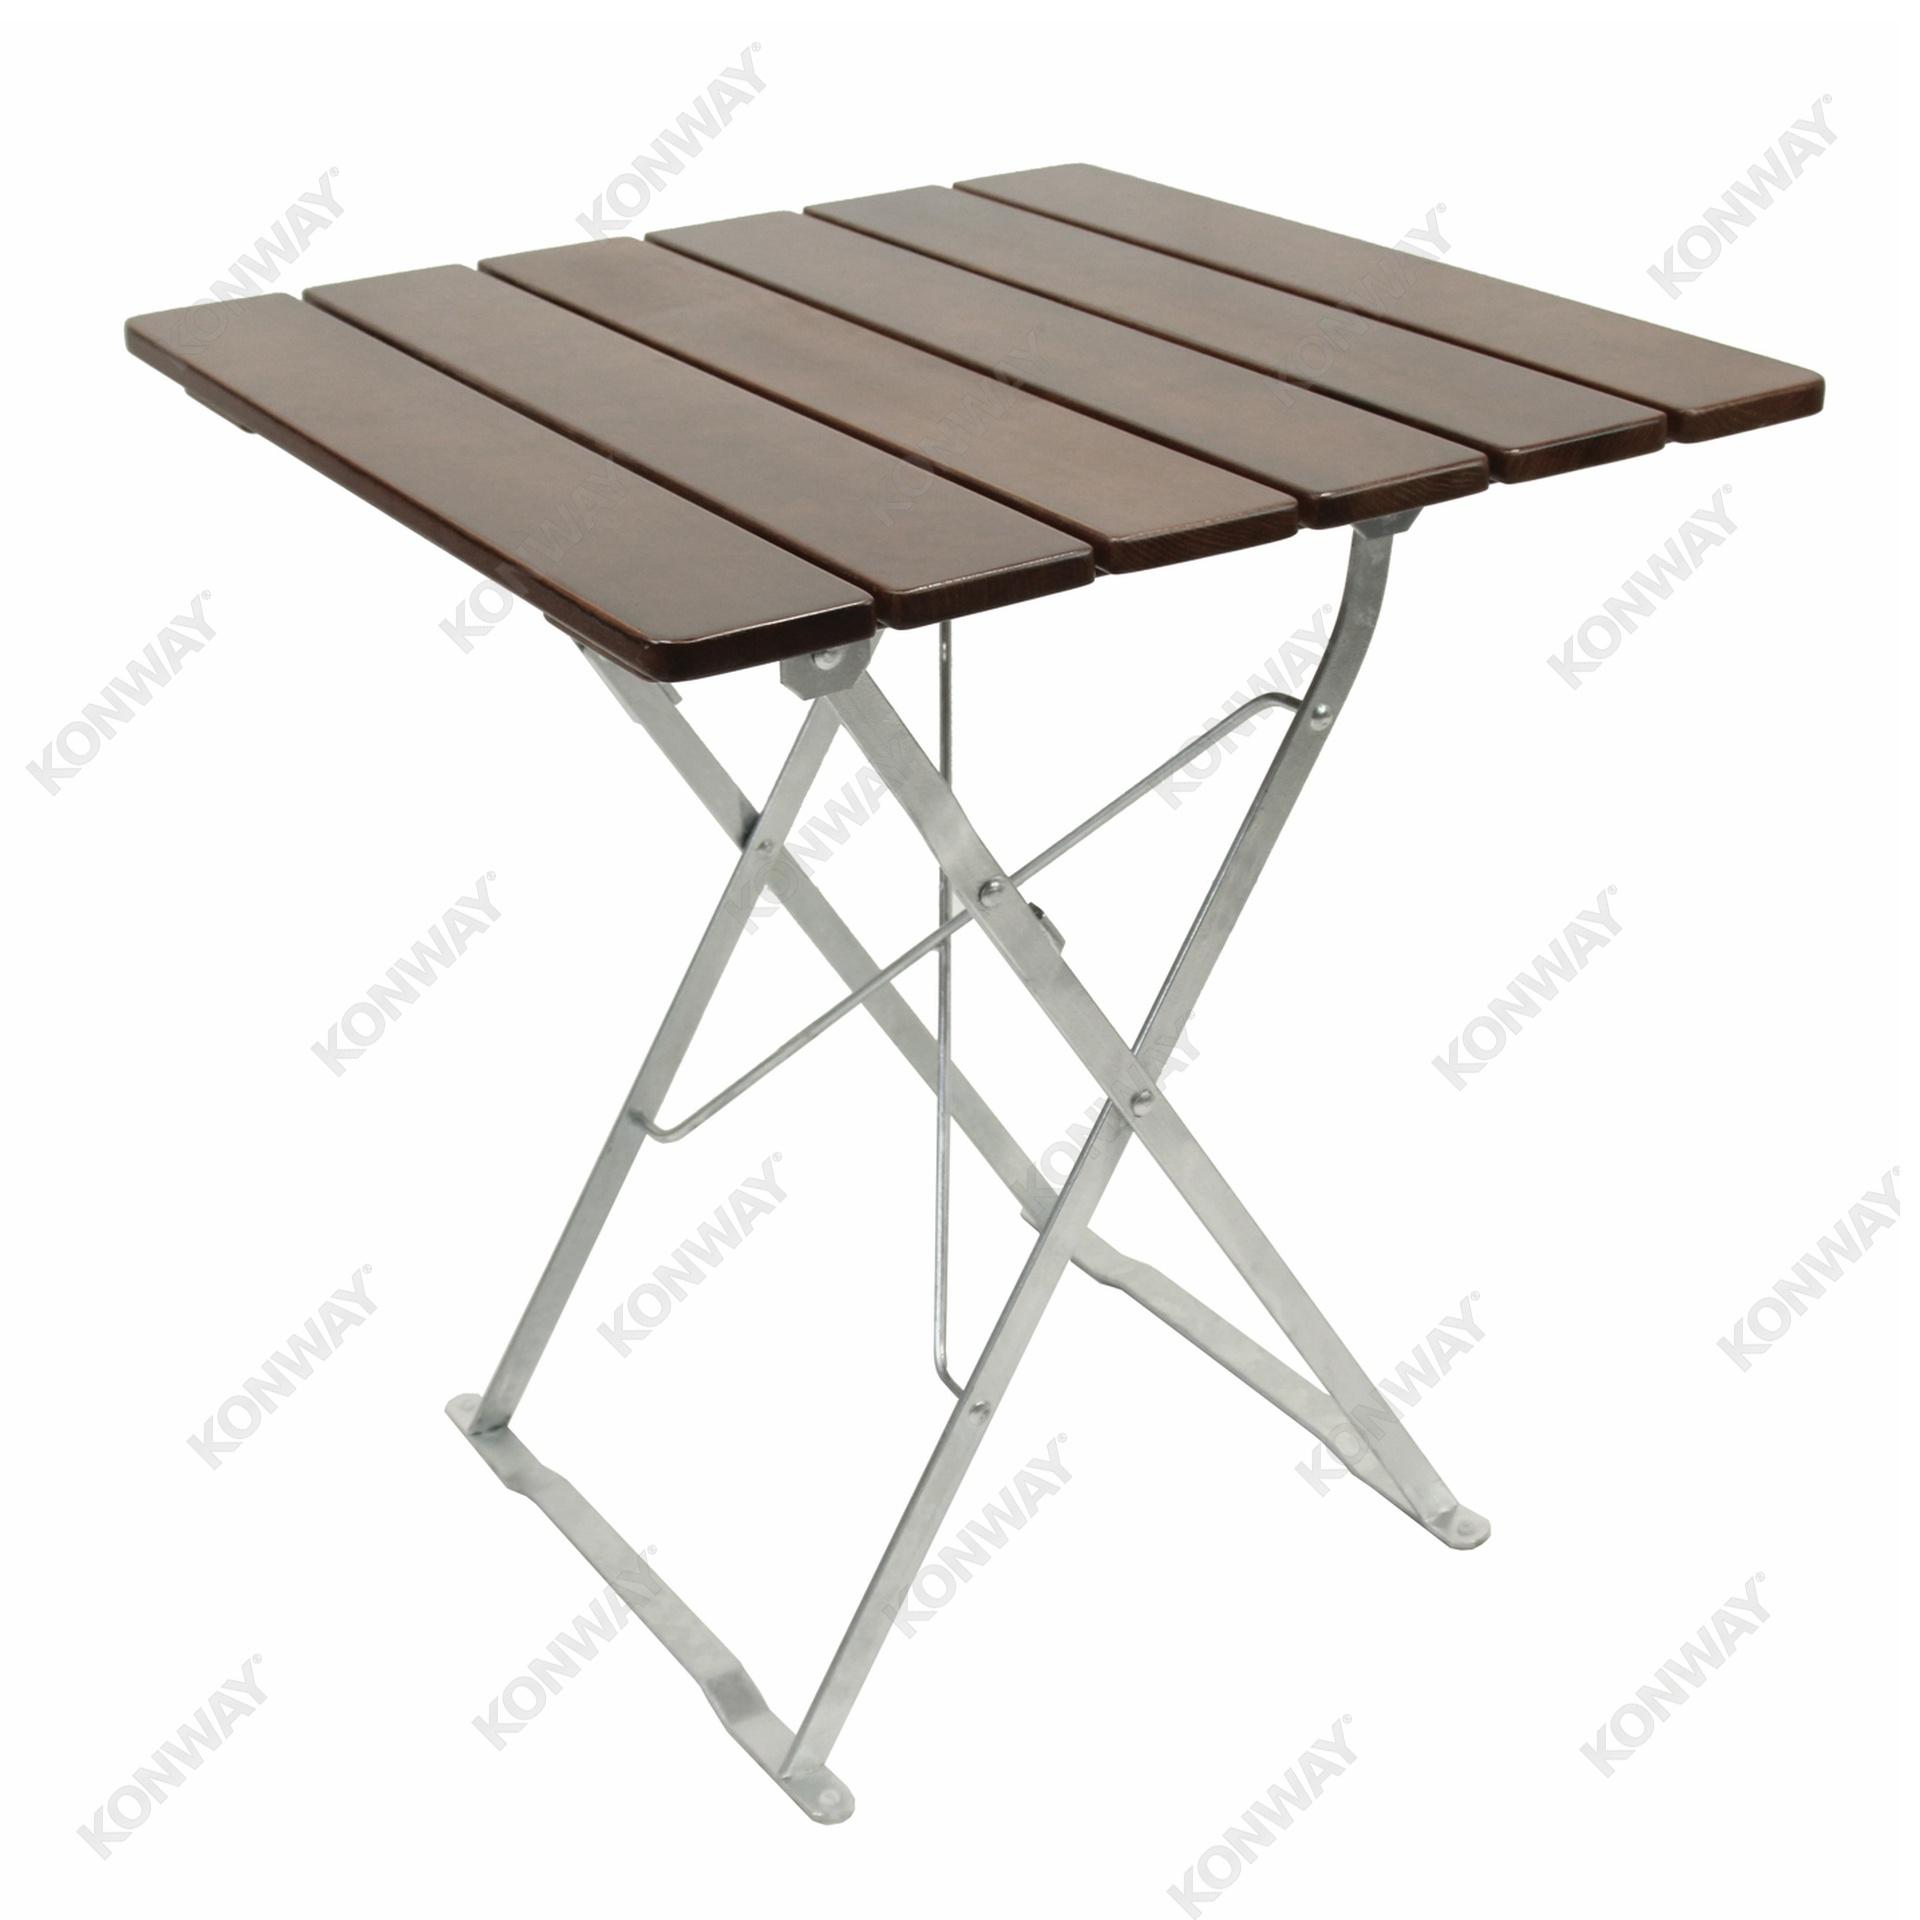 Full Size of Tisch 80x80 Biergartenmbel Konway Gmbh Premiumqualitt Fr Esstische Ausziehbar Esstisch Und Stühle Esstischstühle Lampen Glas Pendelleuchte Rund Mit Stühlen Esstische Esstisch 80x80